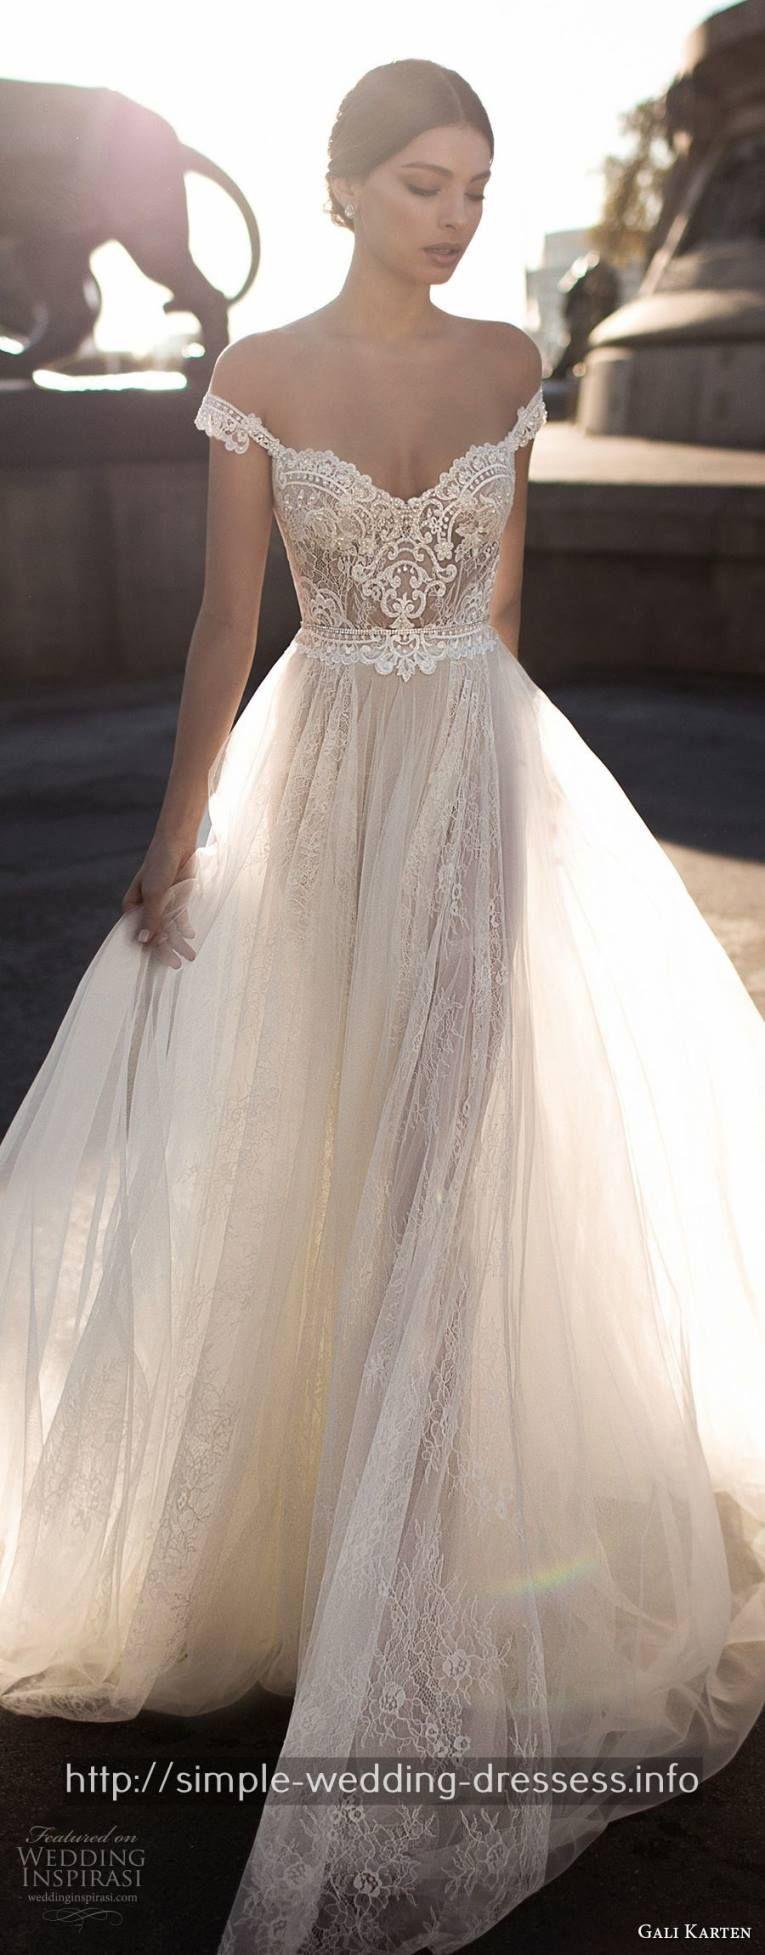 Short wedding dresses for older brides  destination wedding dresses  Short wedding dresses for older women